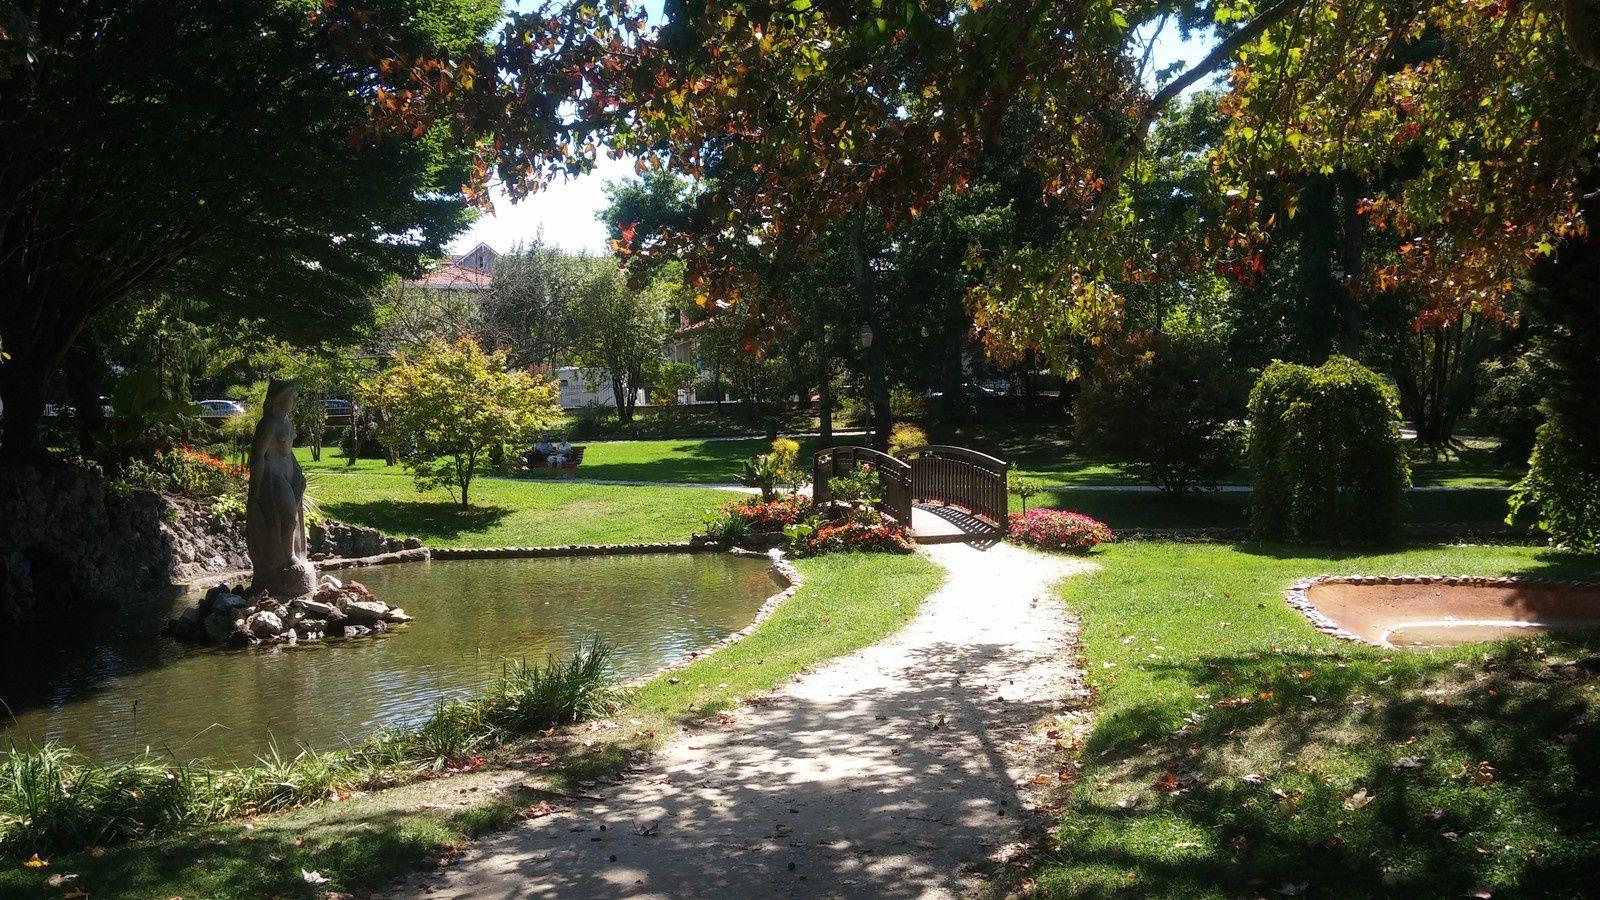 La porte de l'ascenceur qui permet de redescendre vers la ville d'été - bien pratique car le parc est très grand